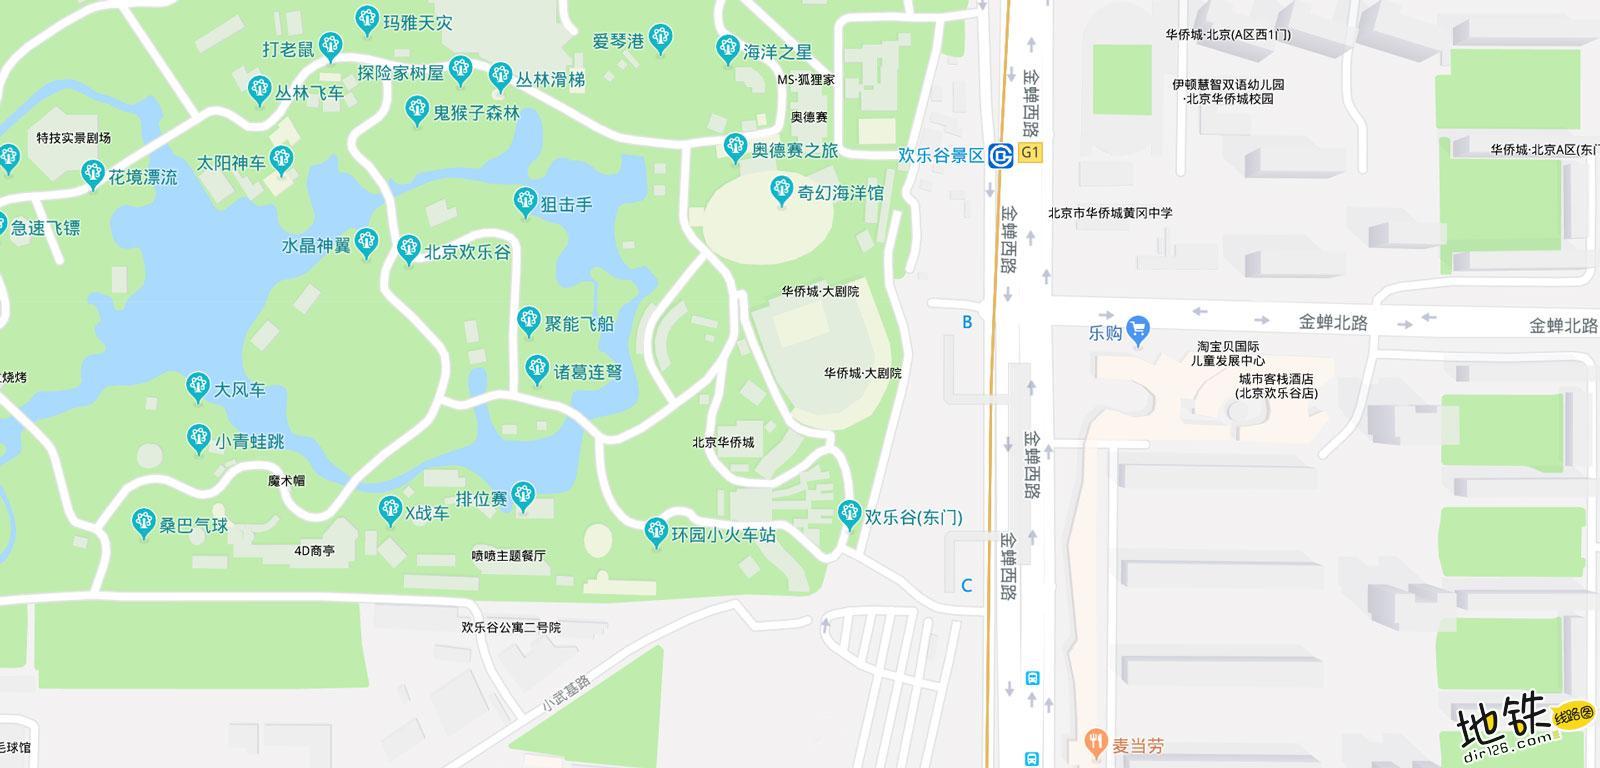 欢乐谷景区地铁站 北京地铁欢乐谷景区站出入口 地图信息查询  北京地铁站  第2张